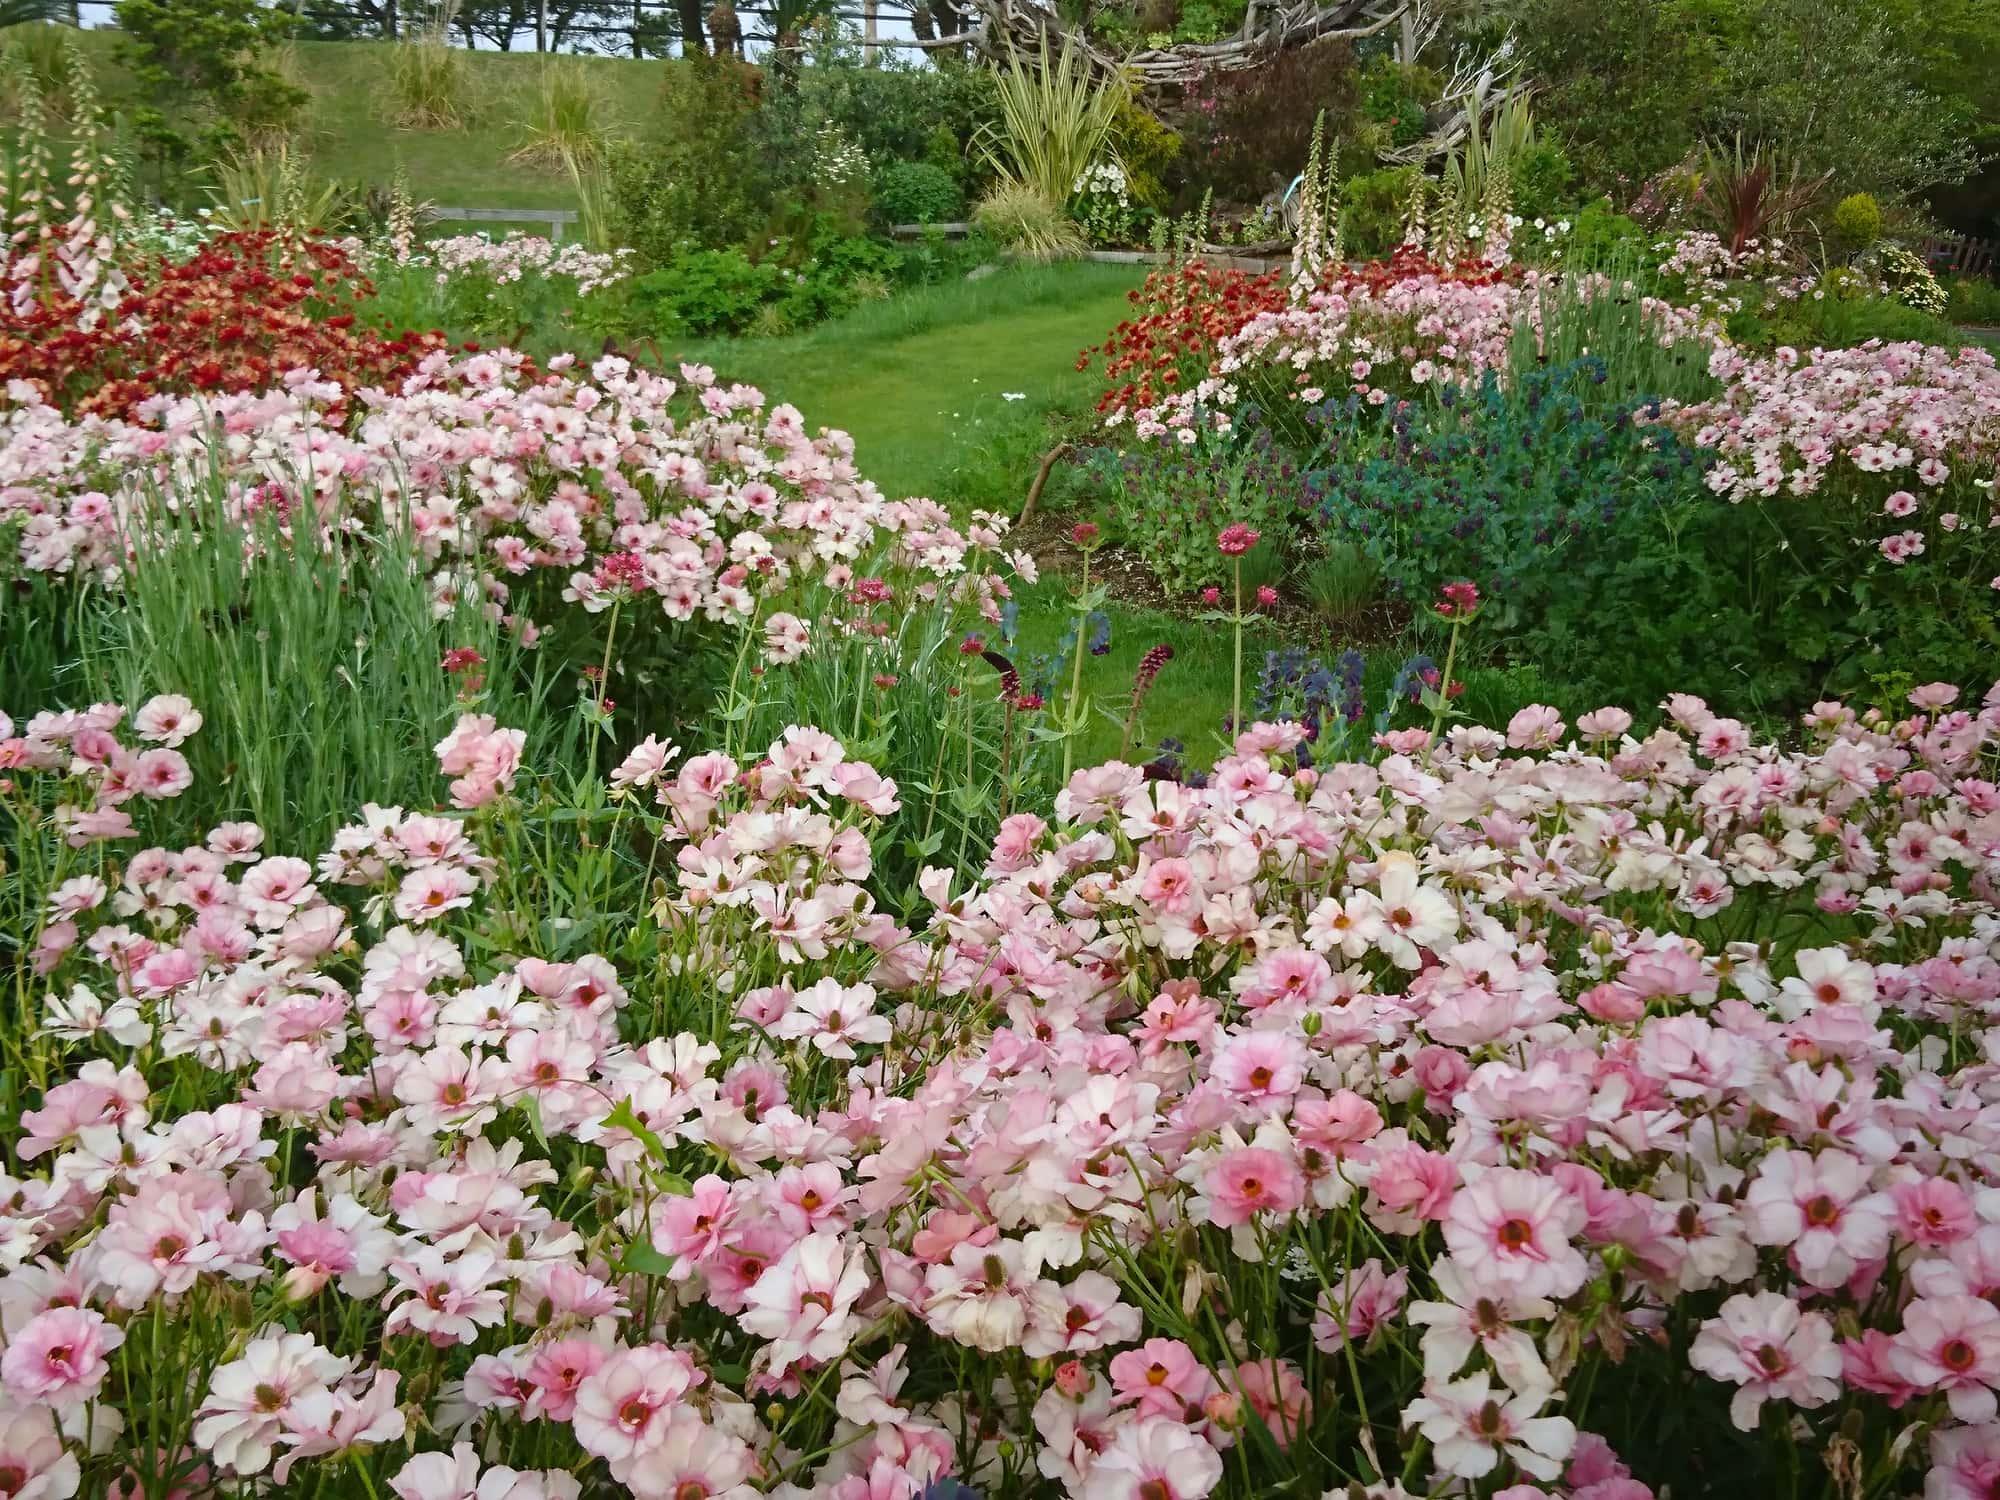 ラナンキュラスが咲く風景